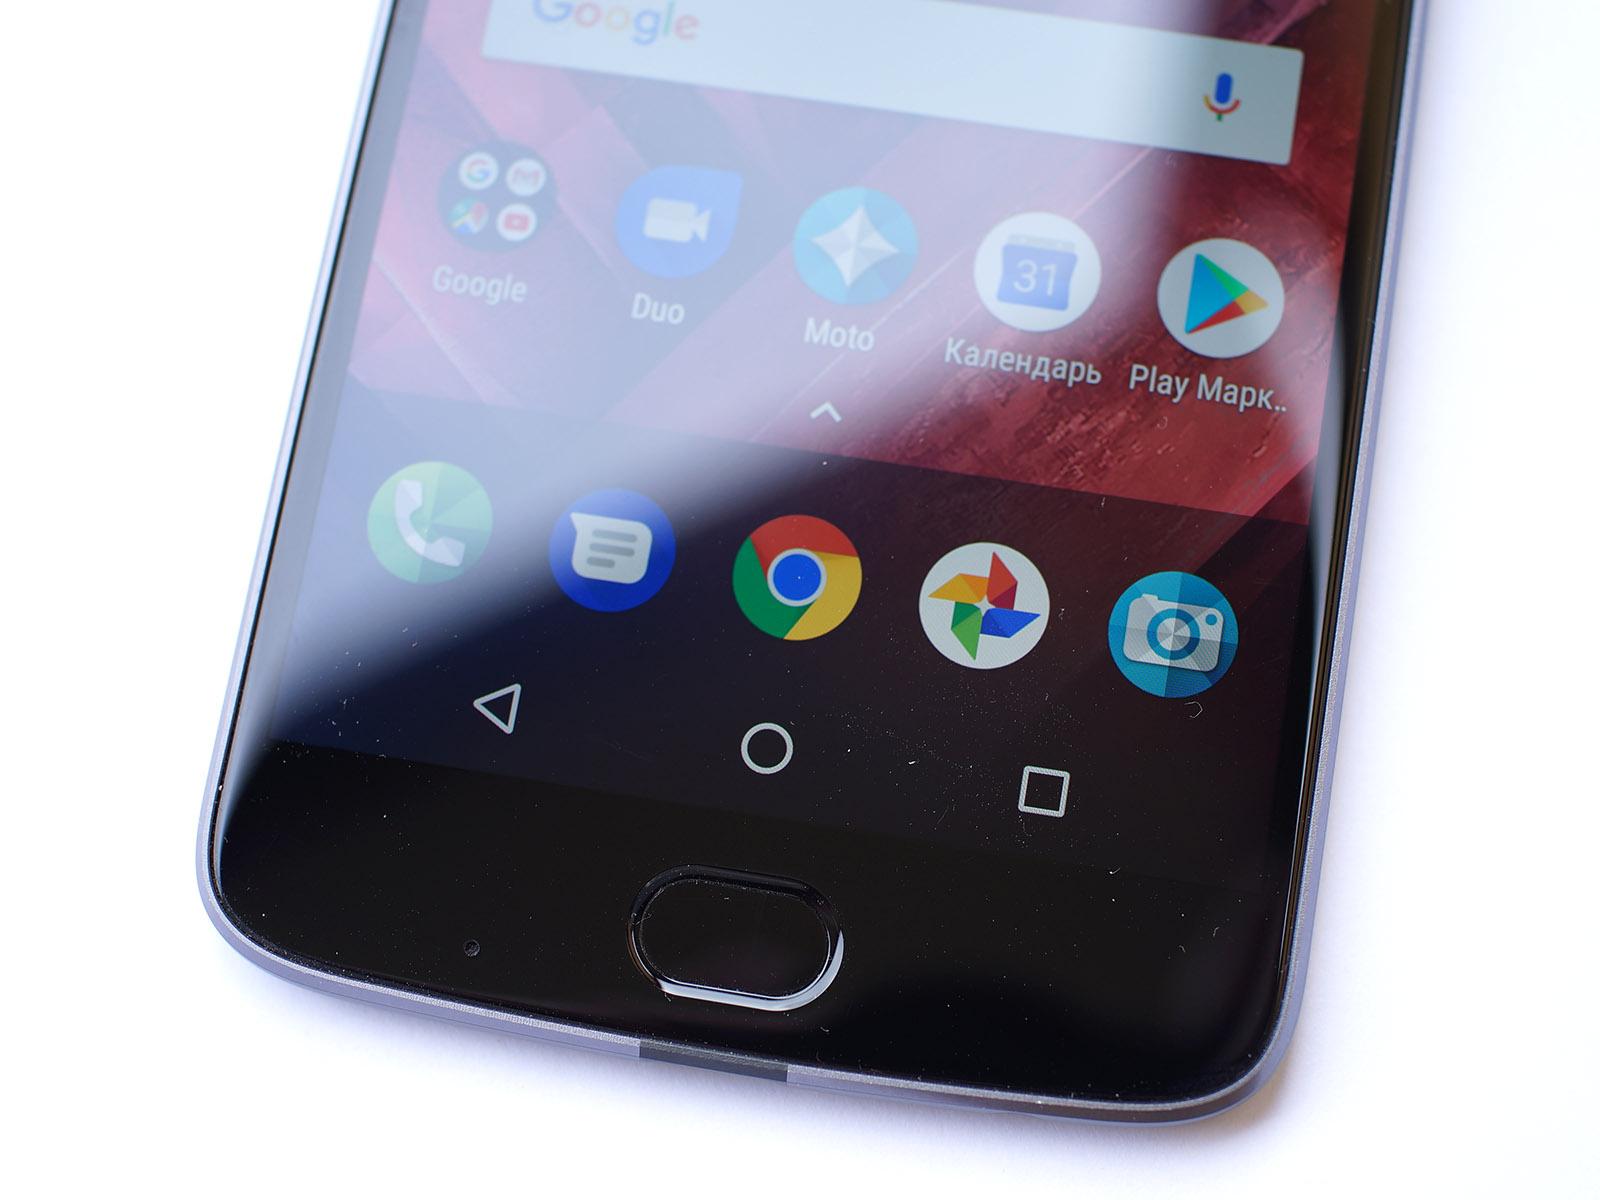 Обзор Moto Z2 Play: долгожданное обновление - 4